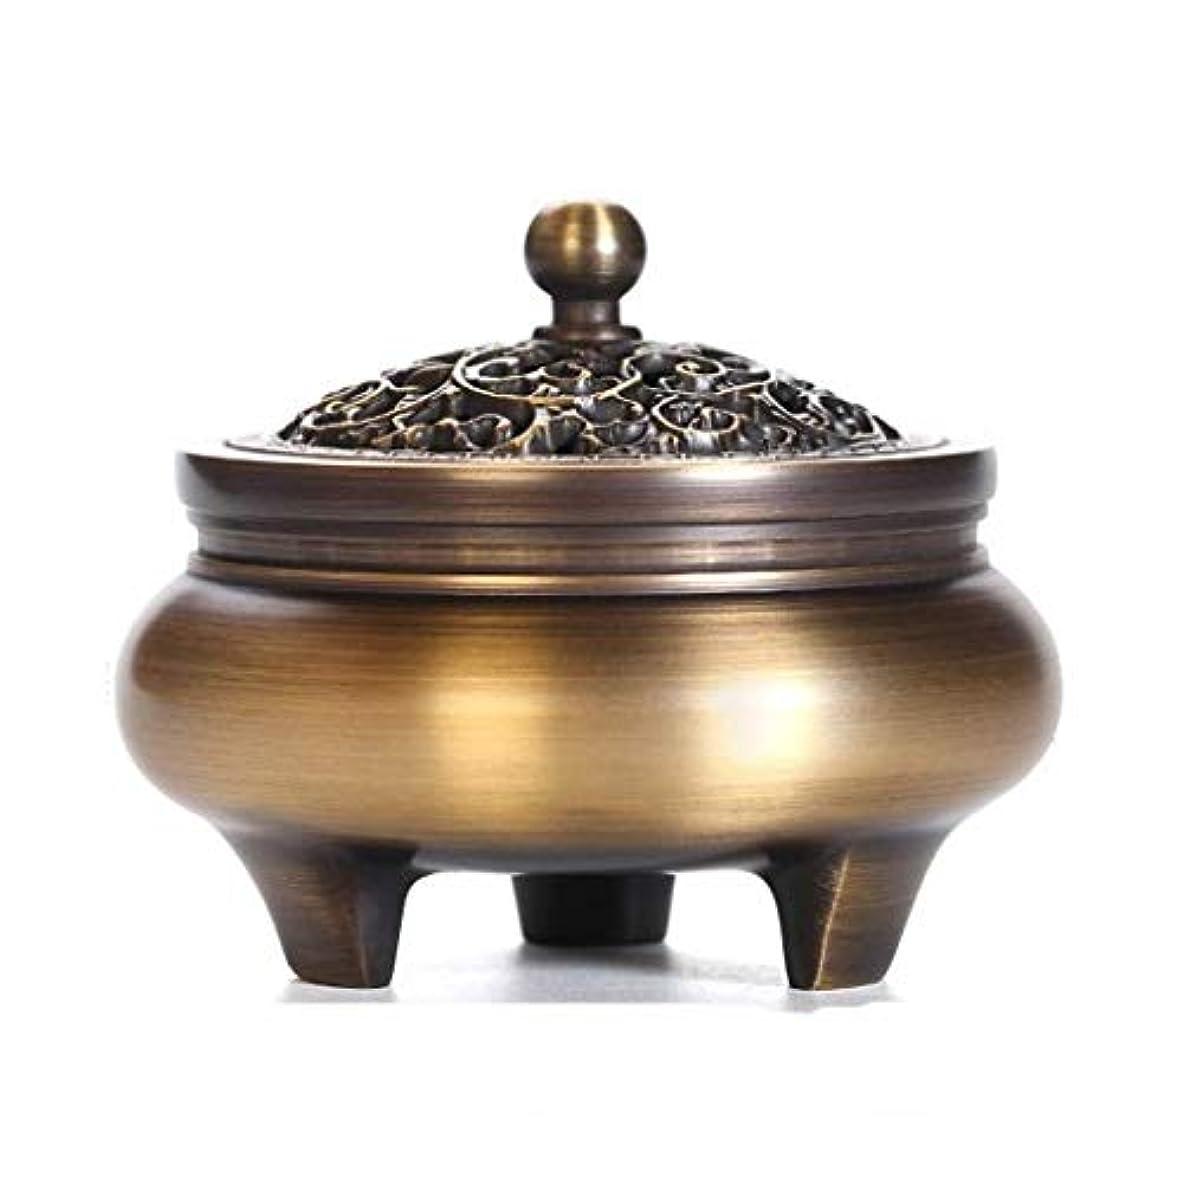 混沌彫刻家聡明芳香器?アロマバーナー 純粋な銅三脚家庭用香炉プロセス香バーナーホーム屋内アロマセラピー炉の装飾 アロマバーナー芳香器 (Color : Brass)